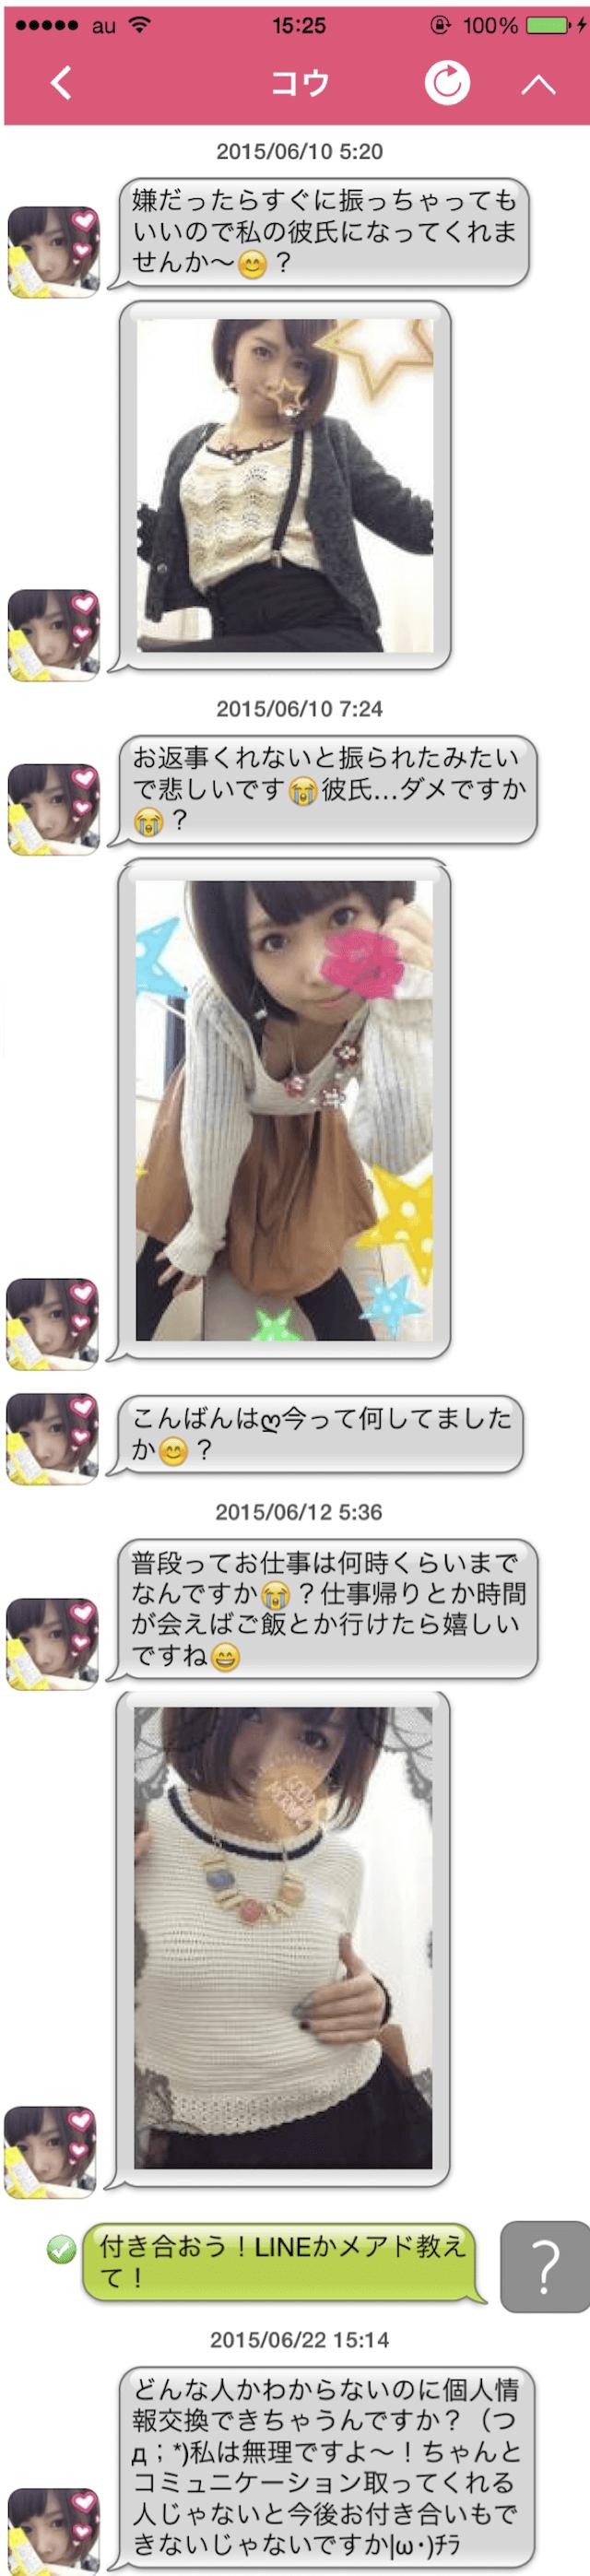 mirufiyu_アプリ12